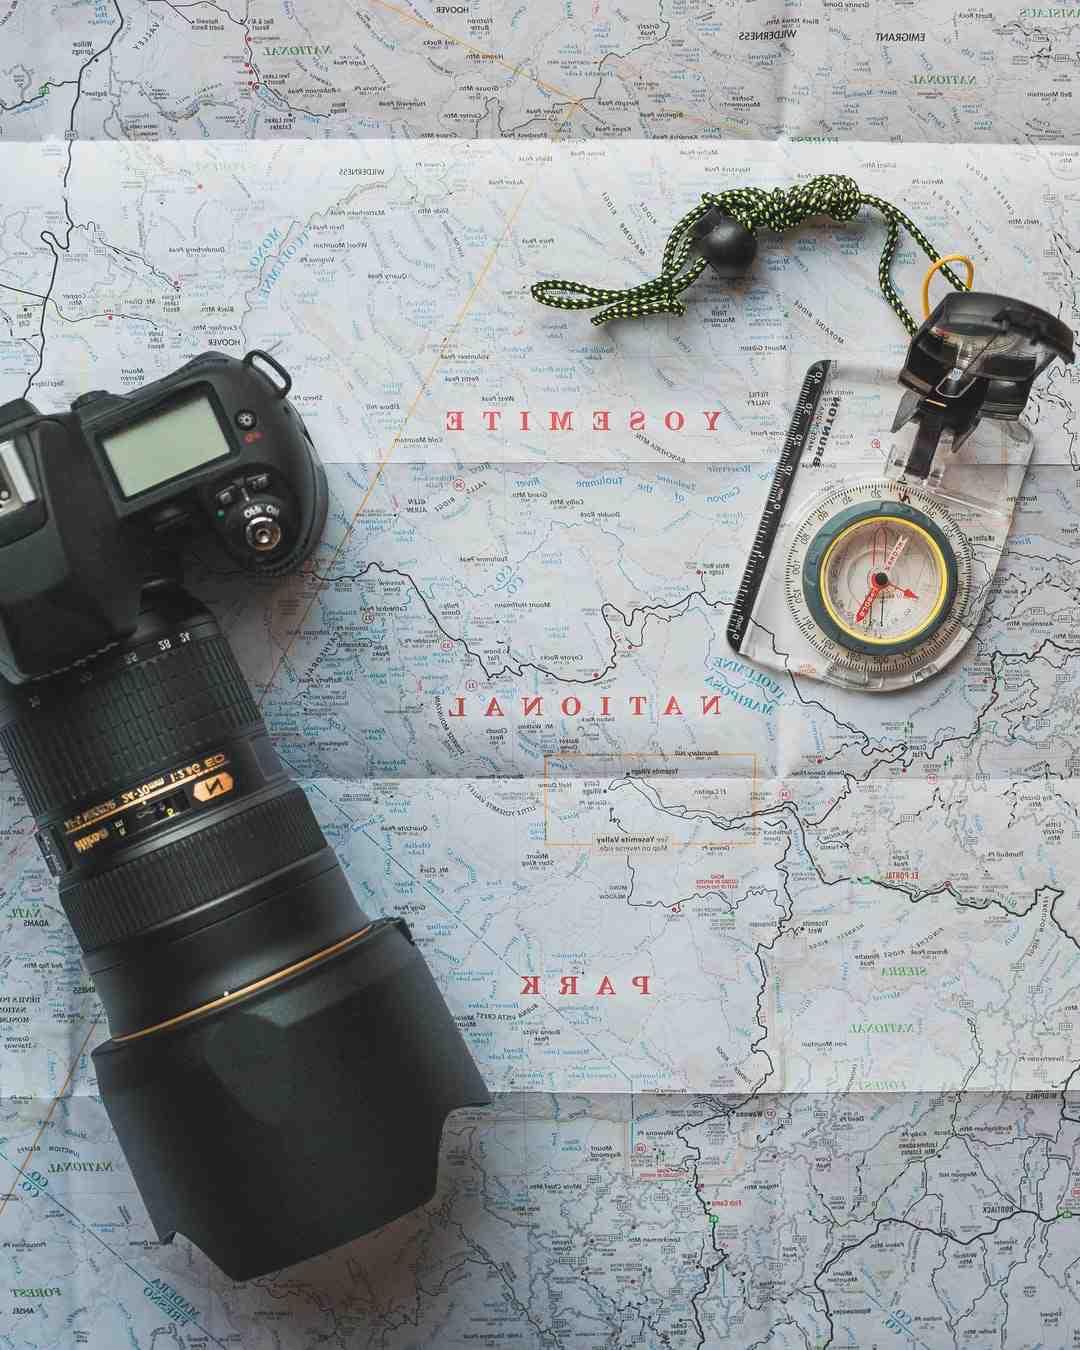 Comment faire une vidéo avec un Nikon D5000?